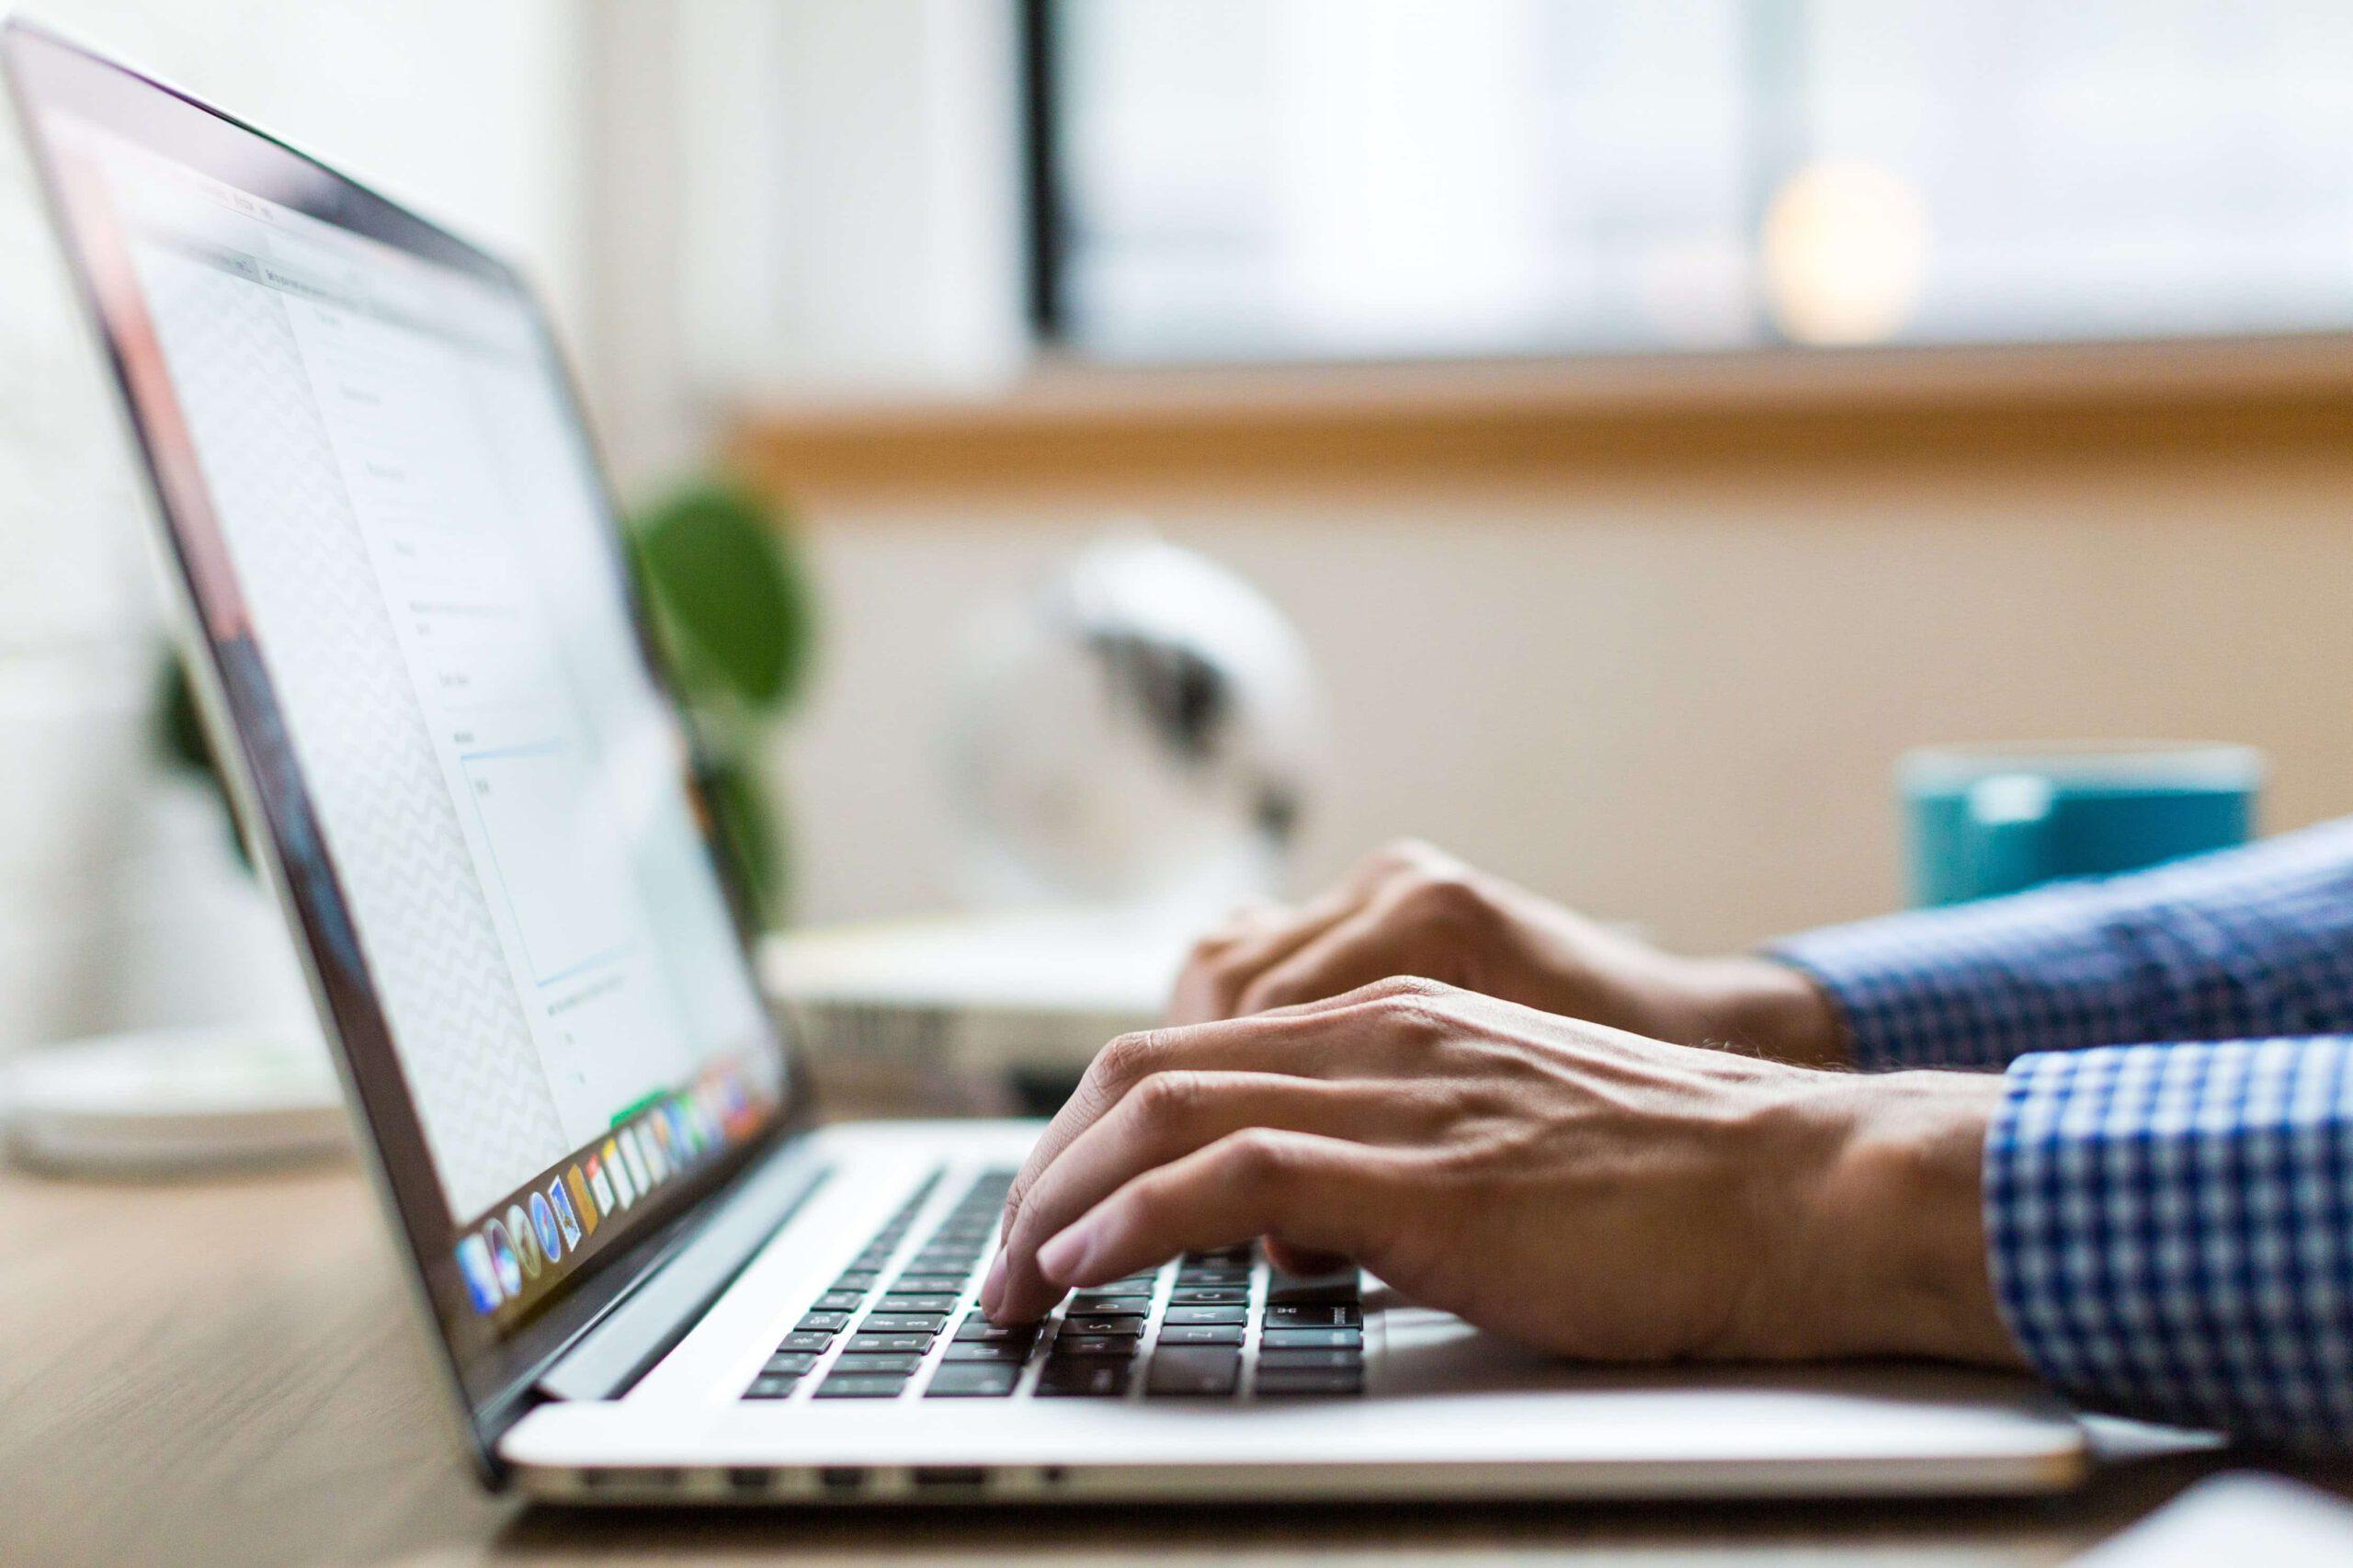 Hoe kies je een goede laptop of computer?